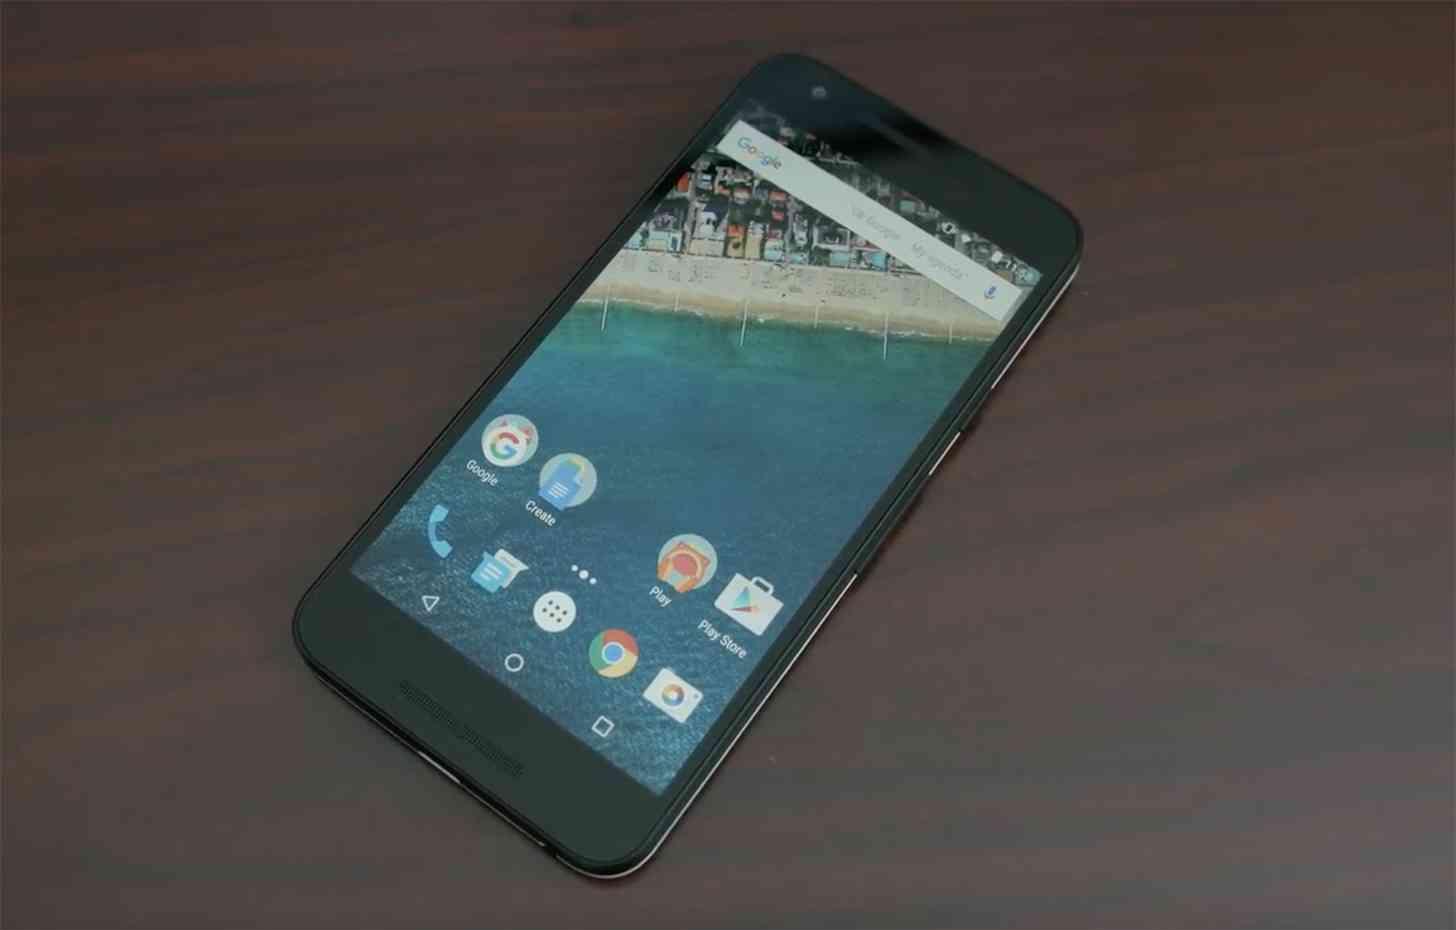 LG Nexus 5X hands on